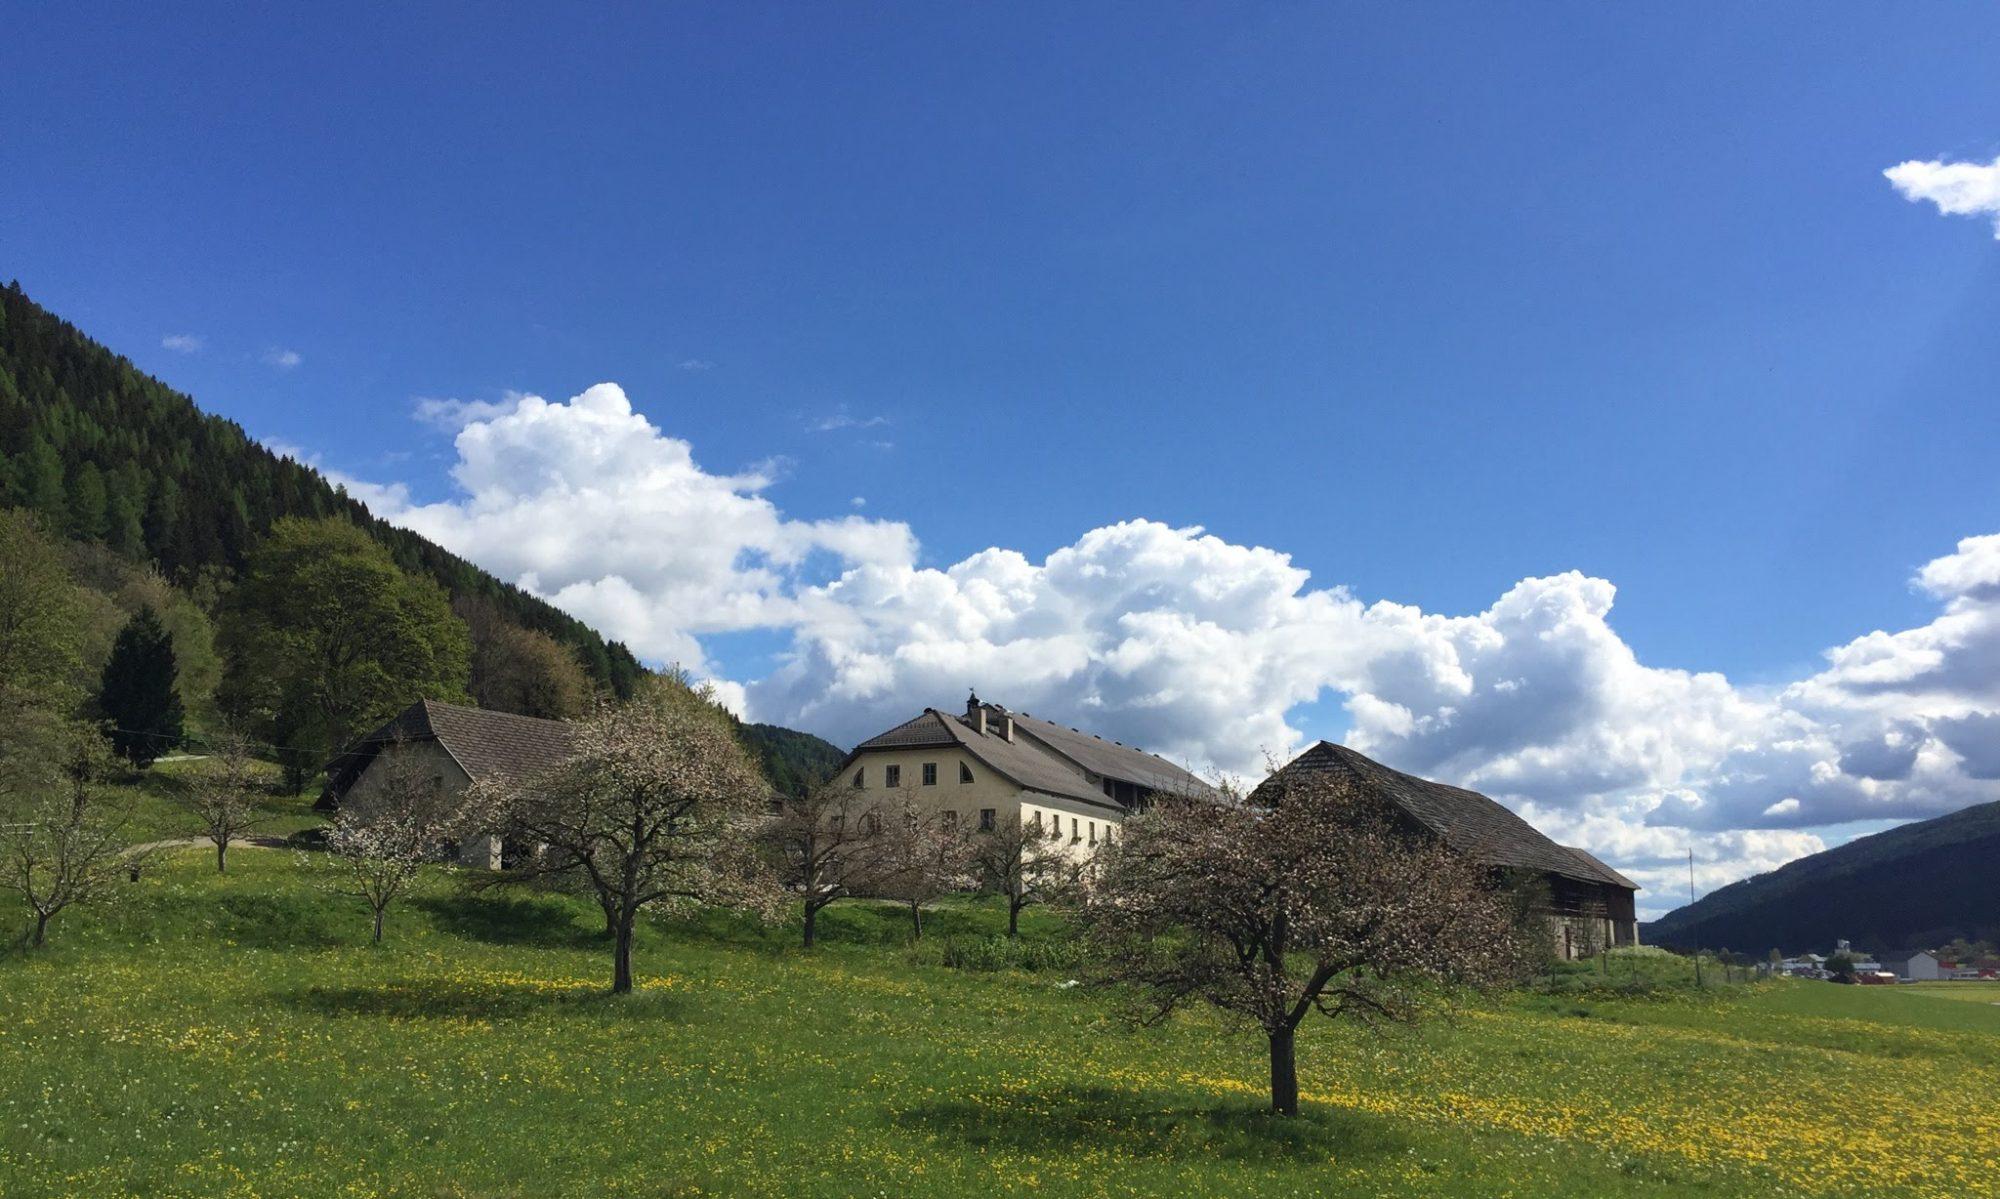 Biohof Neumayr